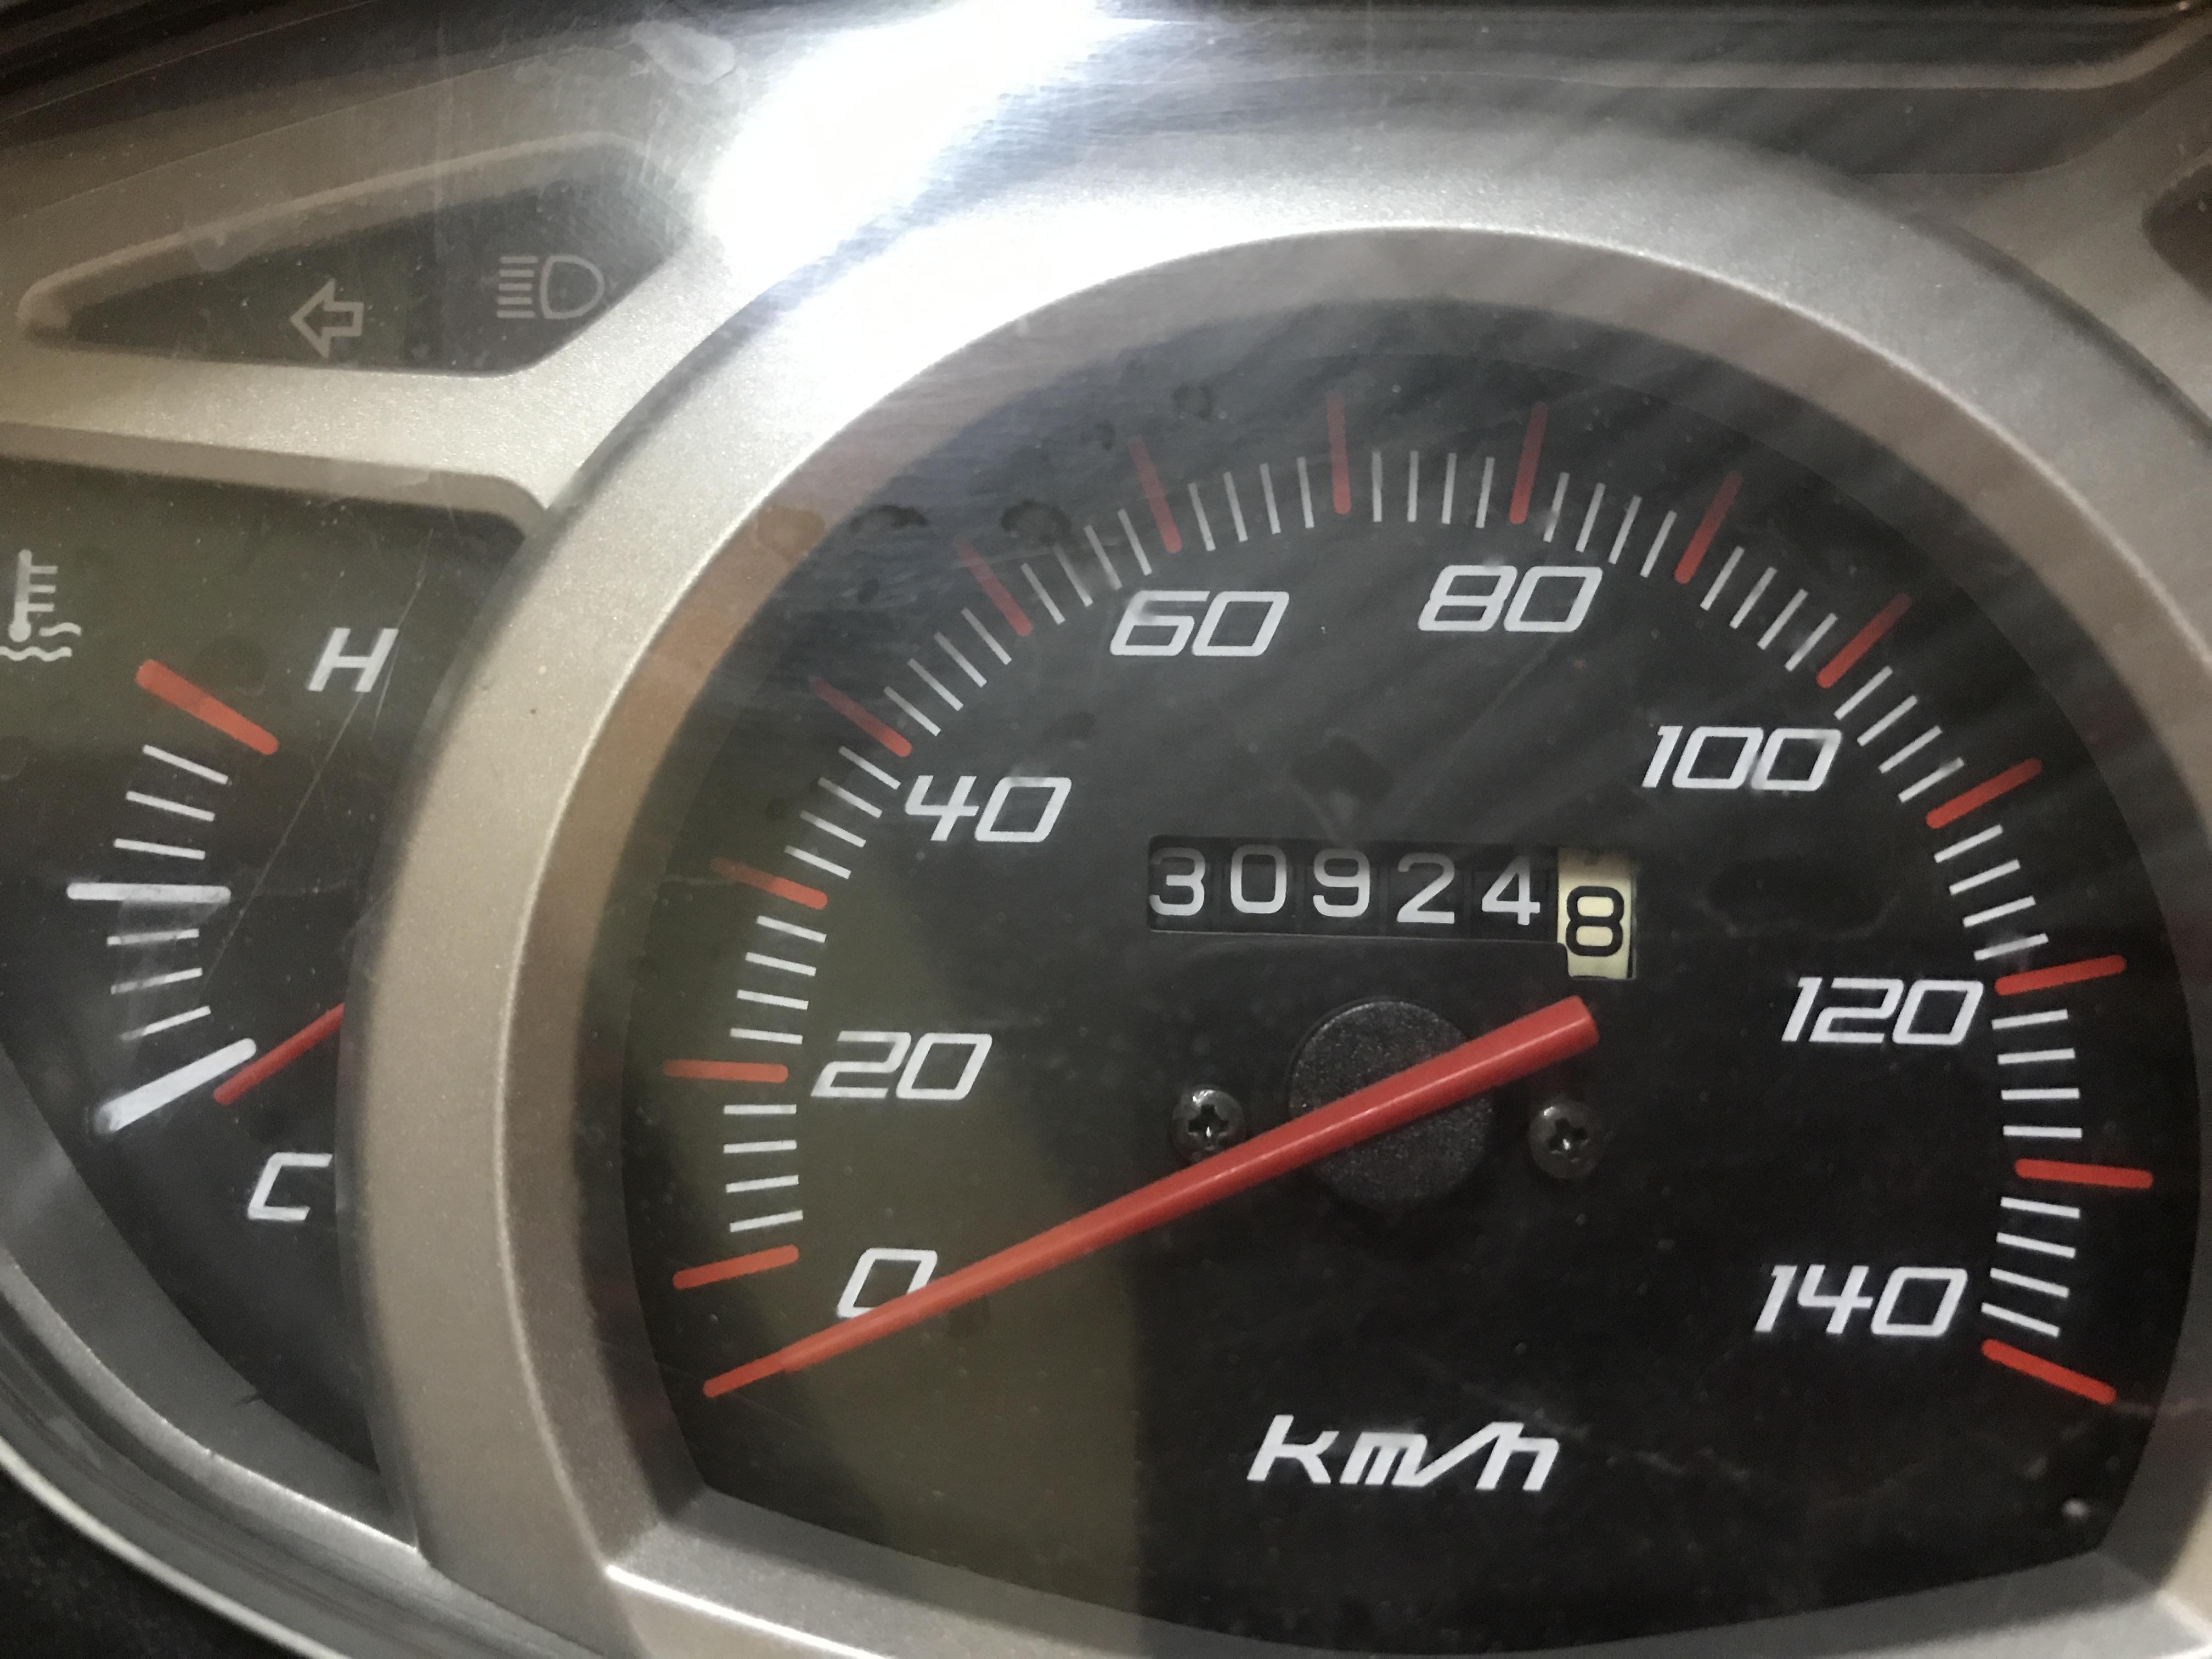 Cần bán xe lead dk 11/09